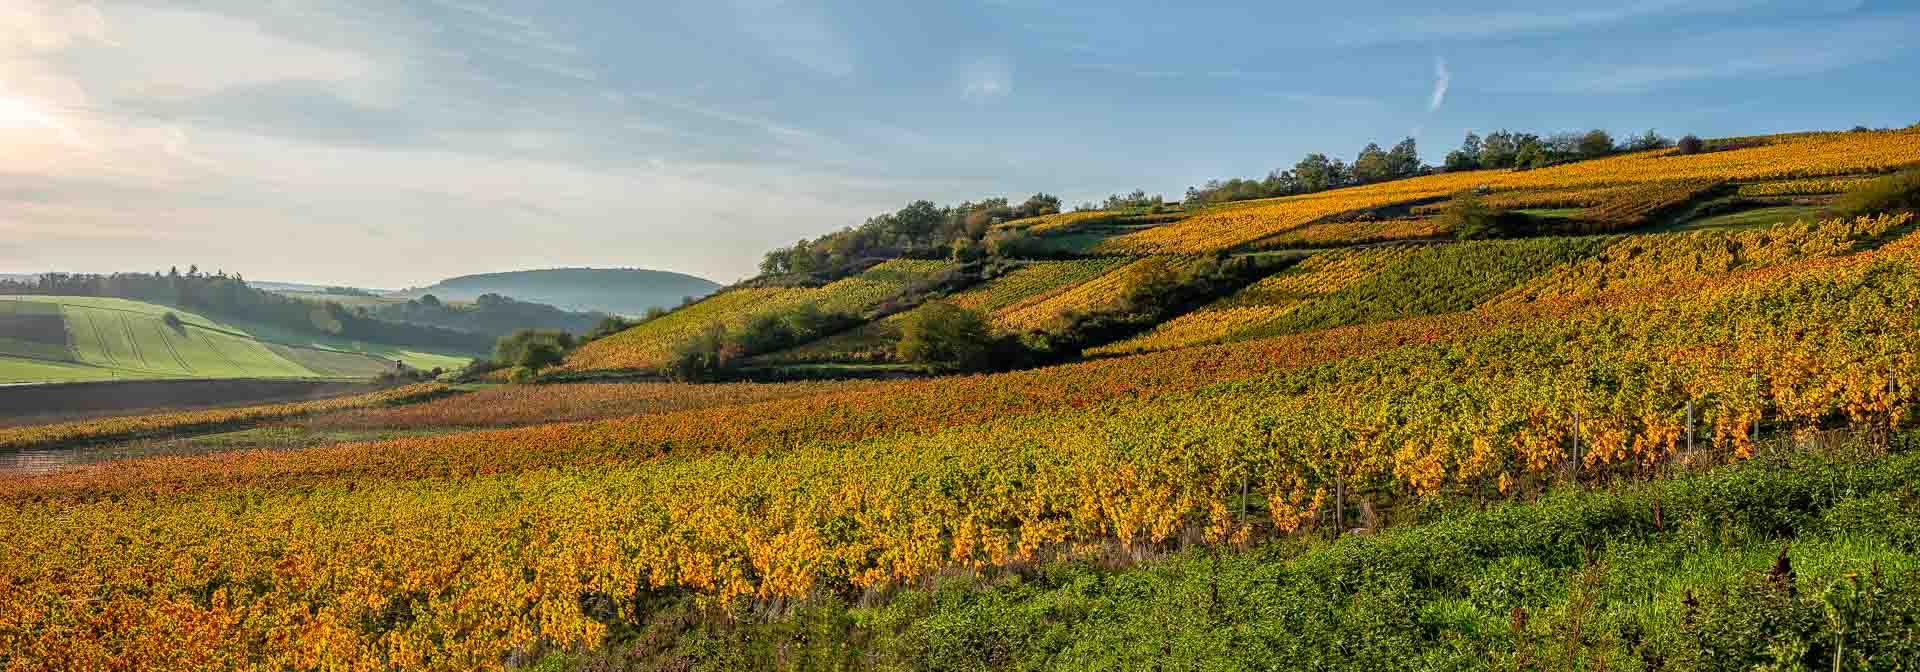 Der Weinberg Siefersheimer Heerkreetz befindet sich in gelb, orange und rot vorne. Die Felder sind links hinten. Hügel mit Wäldern sind im Hintergrund. Der Himmel ist blau.